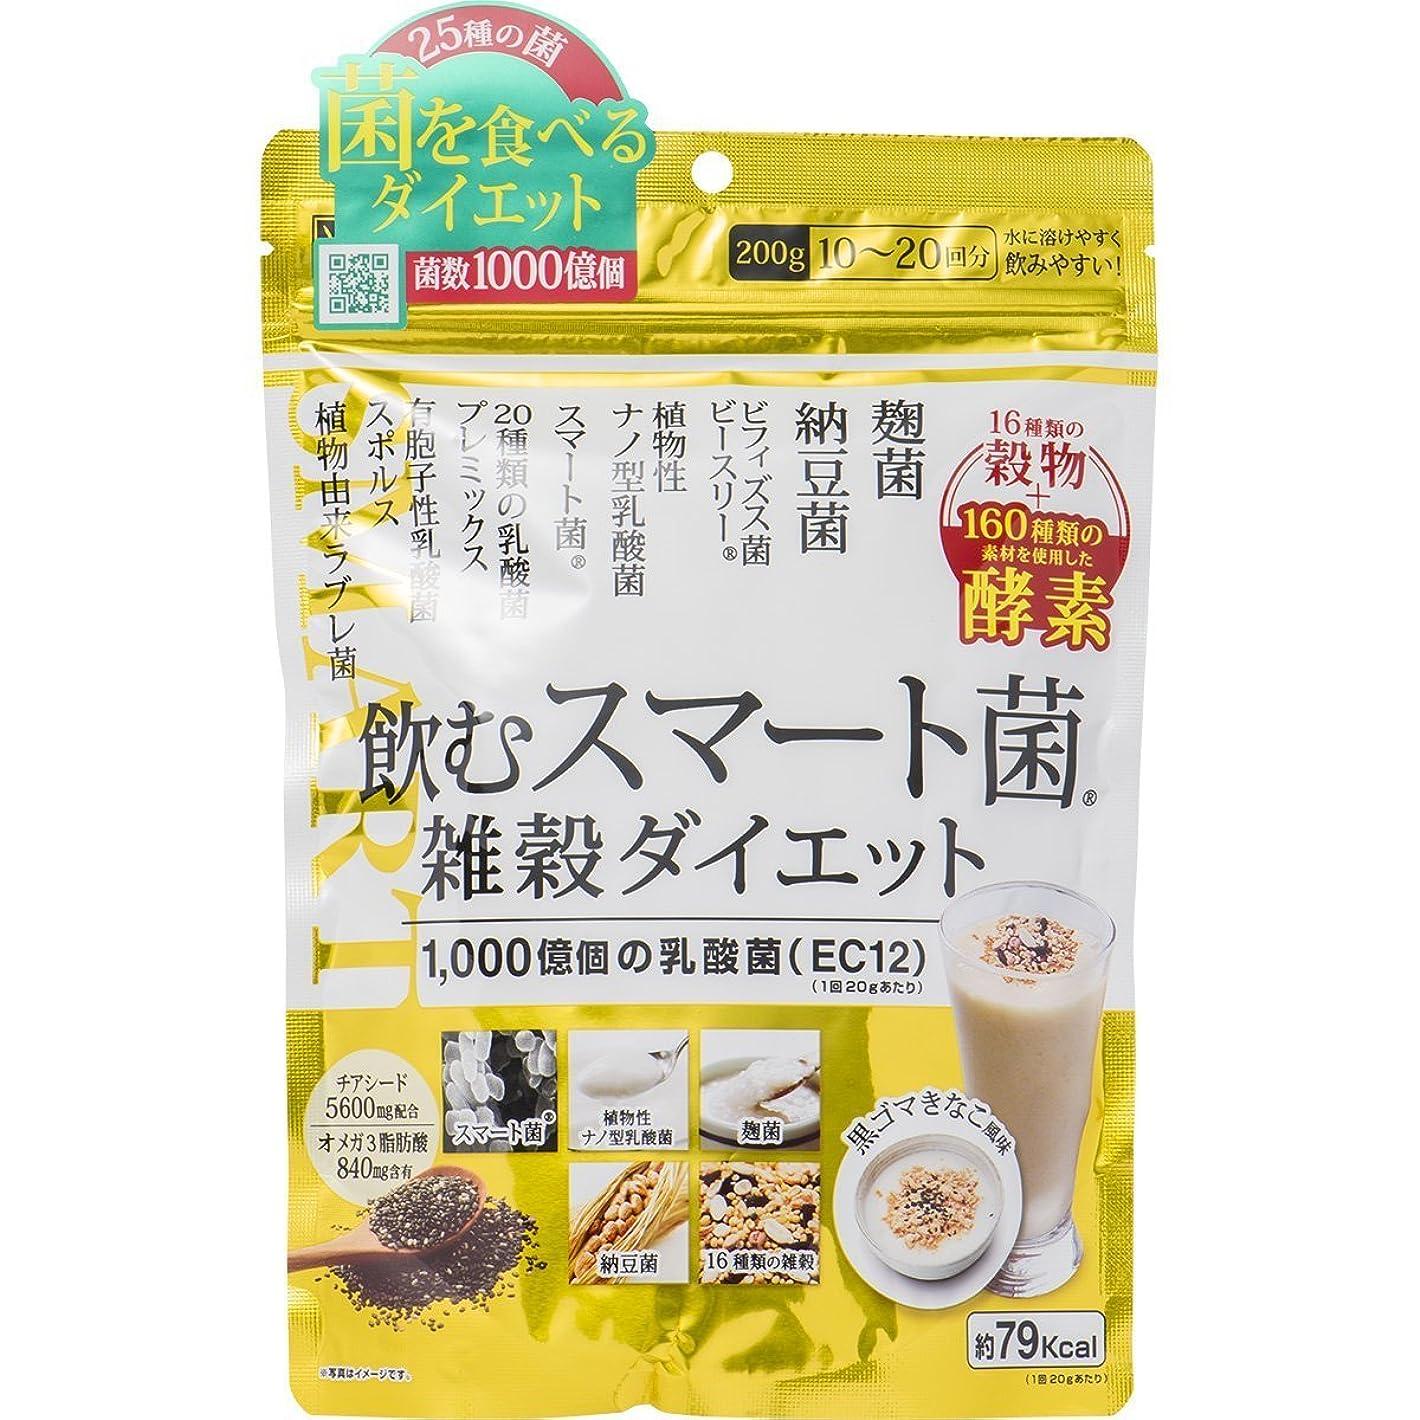 相反するマーケティング編集者【お徳用3個セット】飲むスマート菌 雑穀ダイエット 200g ×3個セット